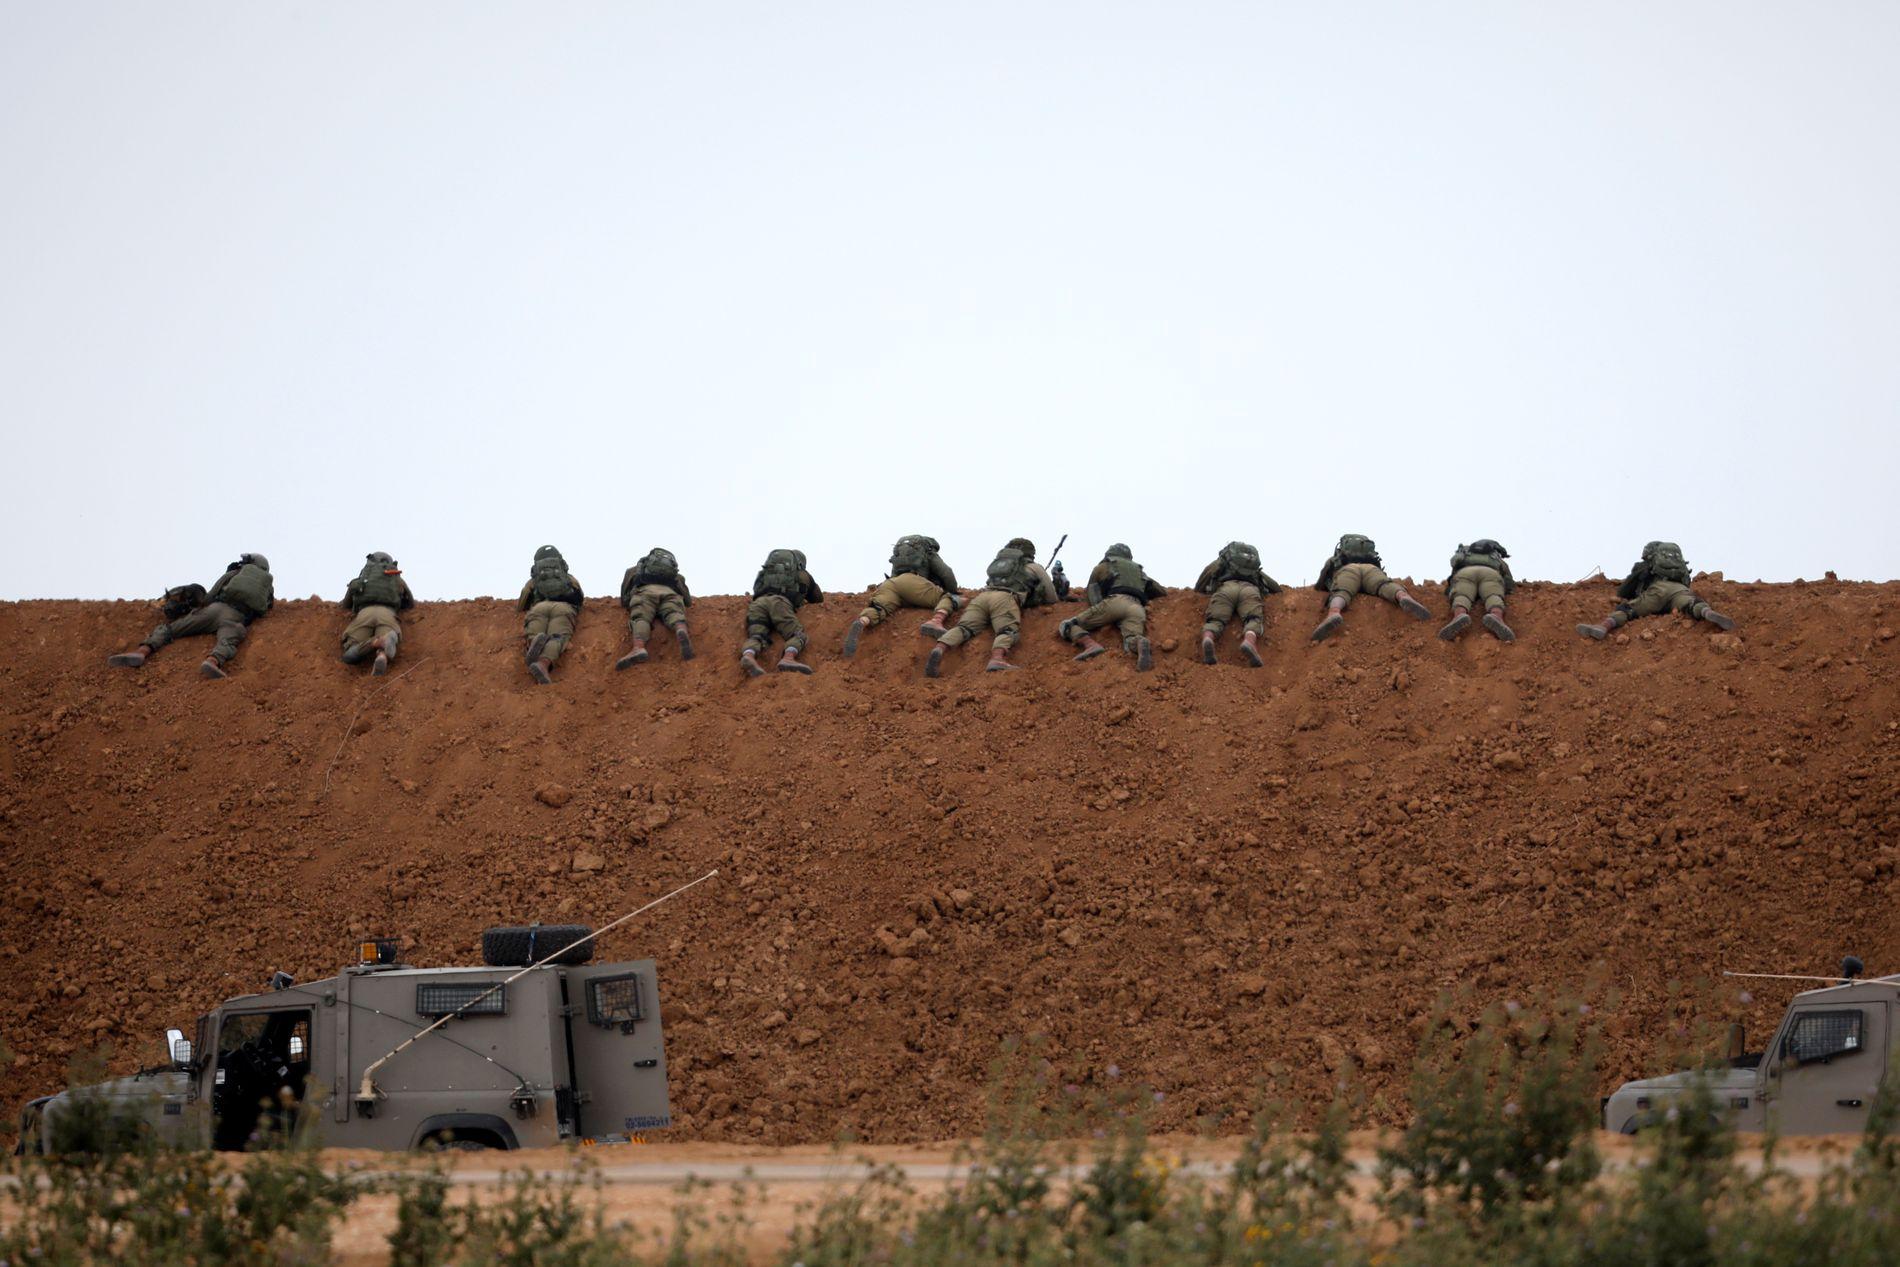 SKJØT HERFRA: Israelske soldater fotografert bak en jordvold, på den andre siden av grensegjerdet mot Gaza, under demonstrasjonene på fredag.